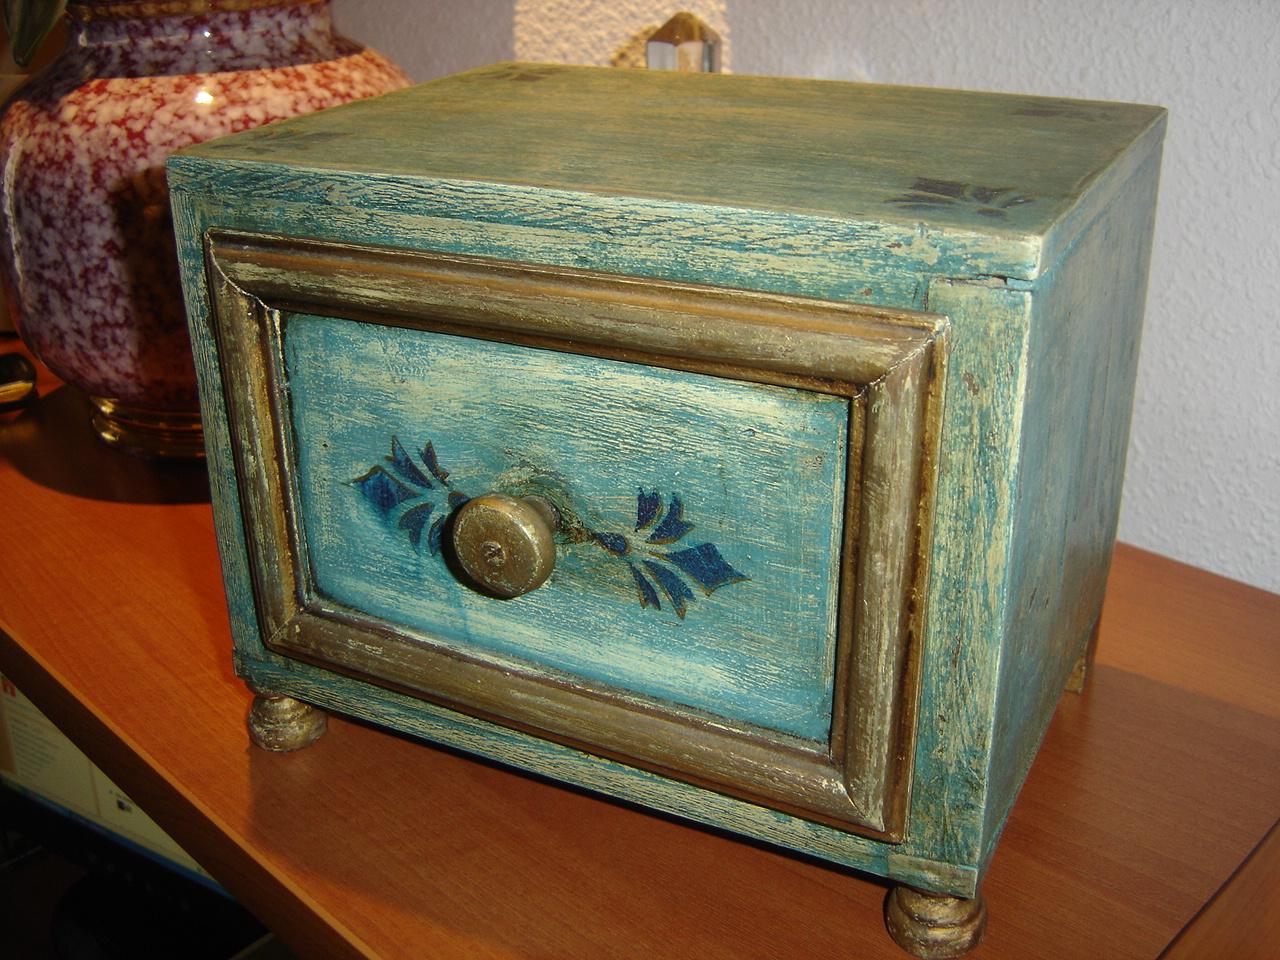 pintar y decorar cajas antiguas